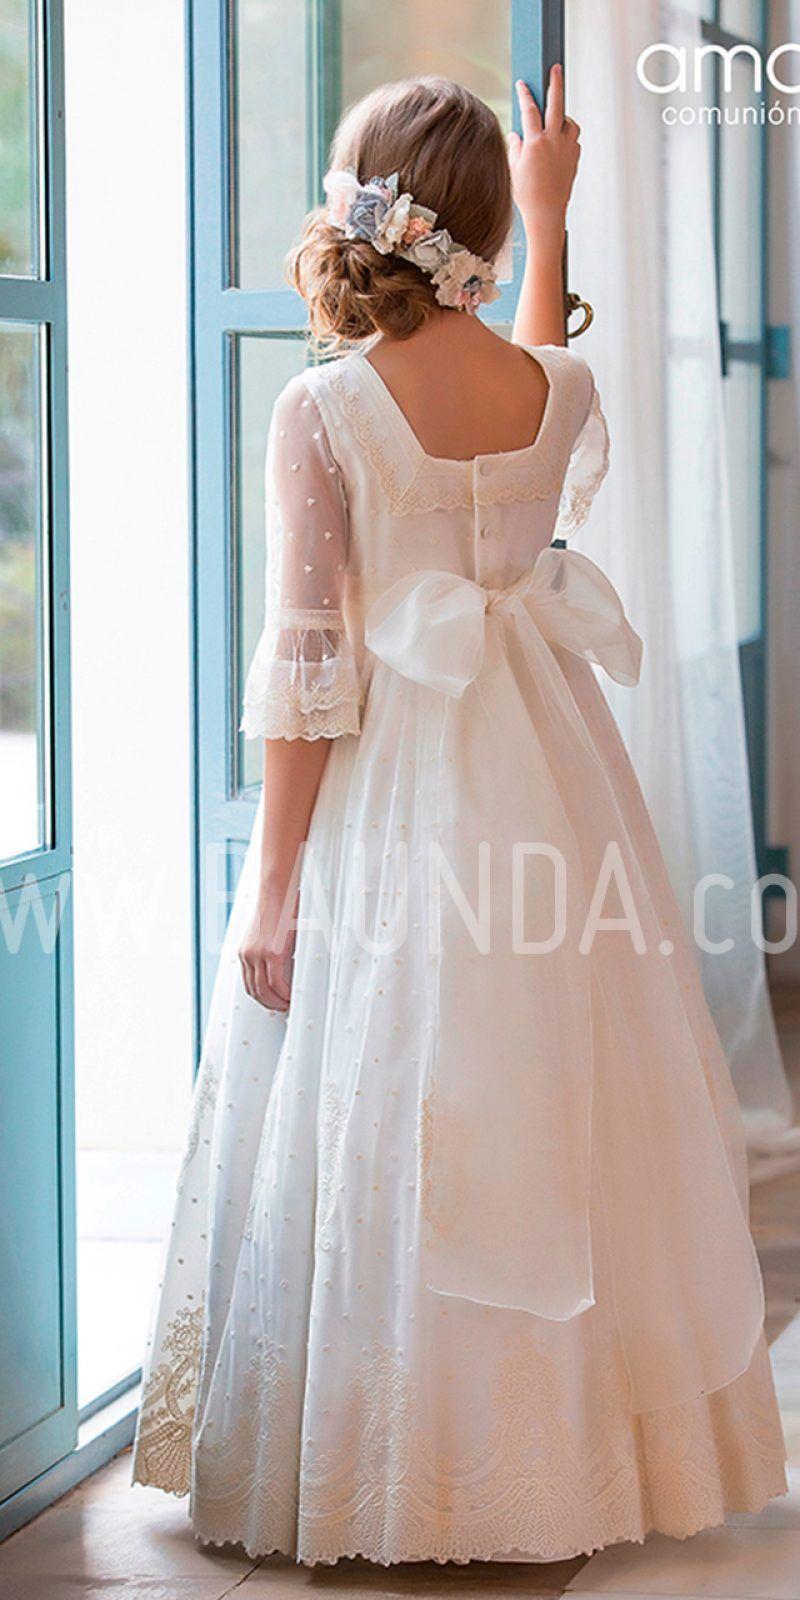 Vestidos comunion nina amaya 2019